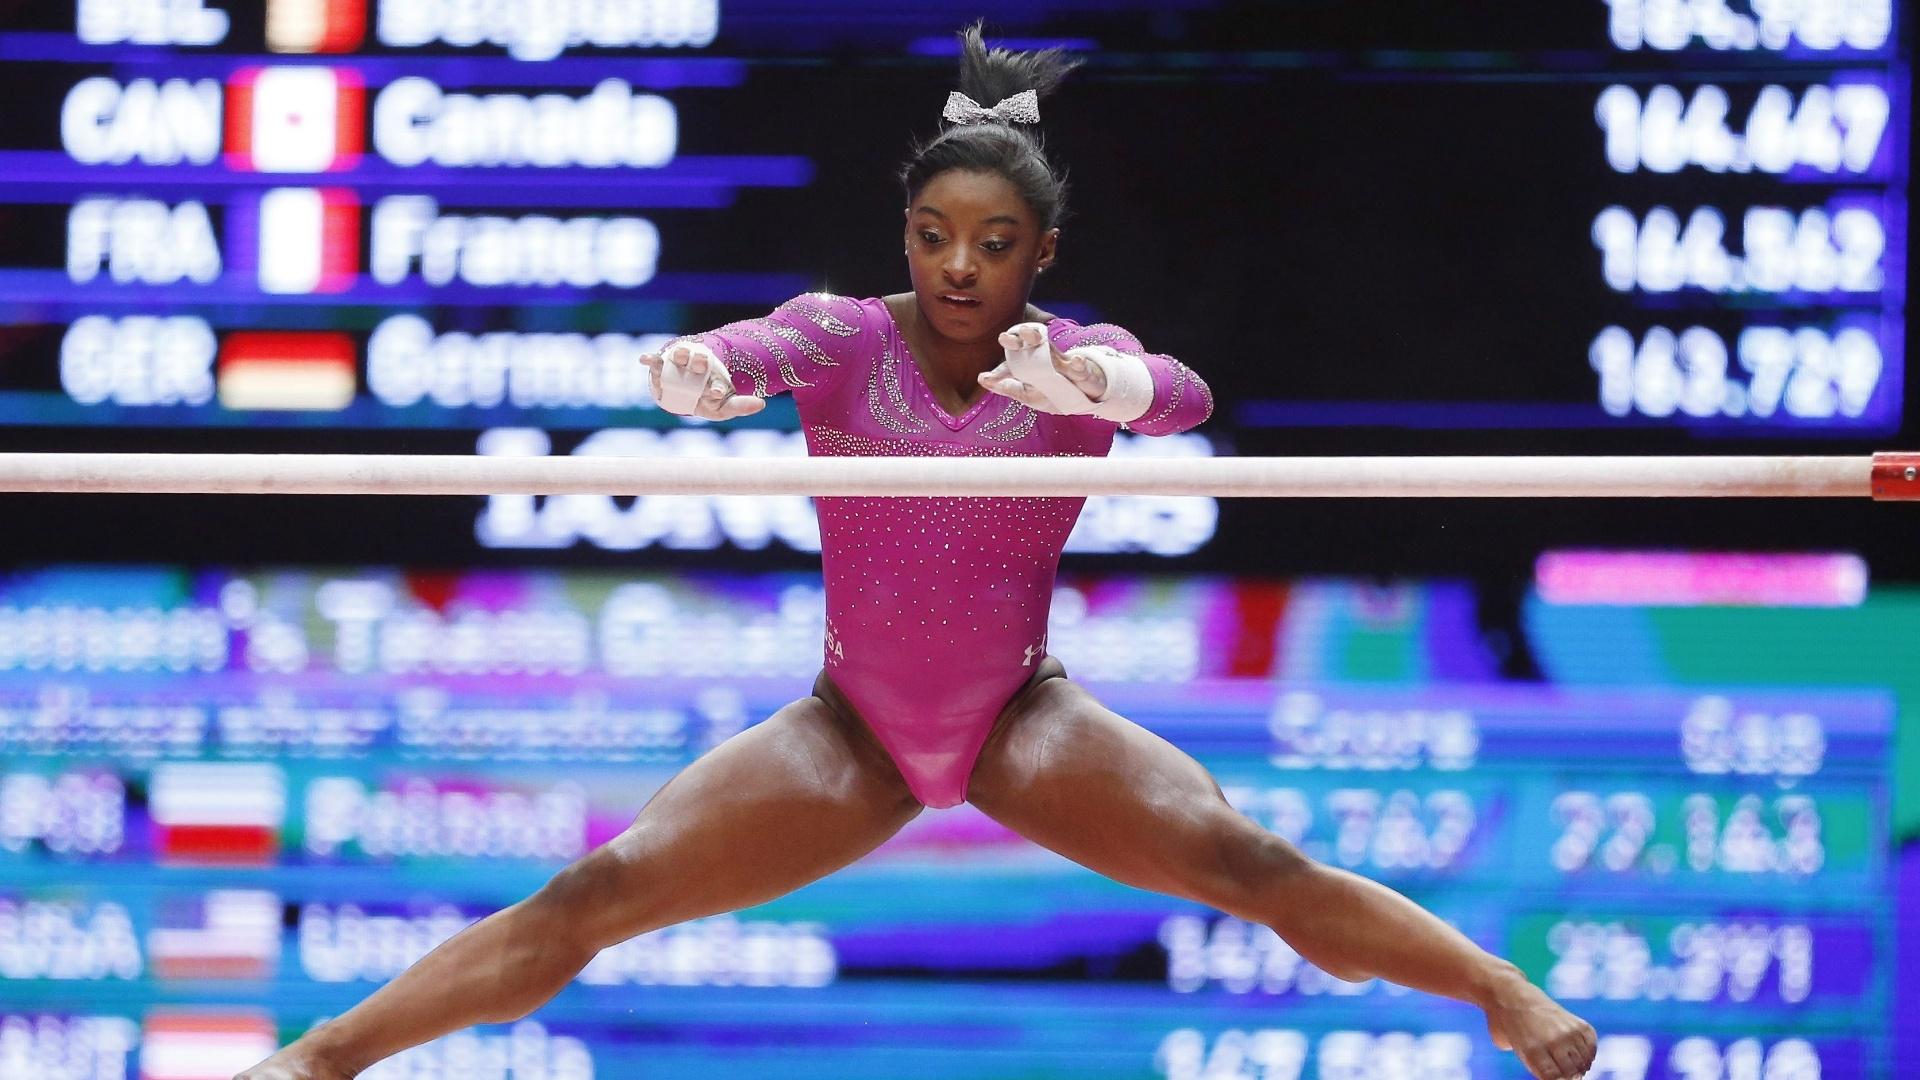 Melhor ginasta do mundo na atualidade, a americana Simone Biles se apresenta nas barras assimétricas durante o Mundial de ginástica artística